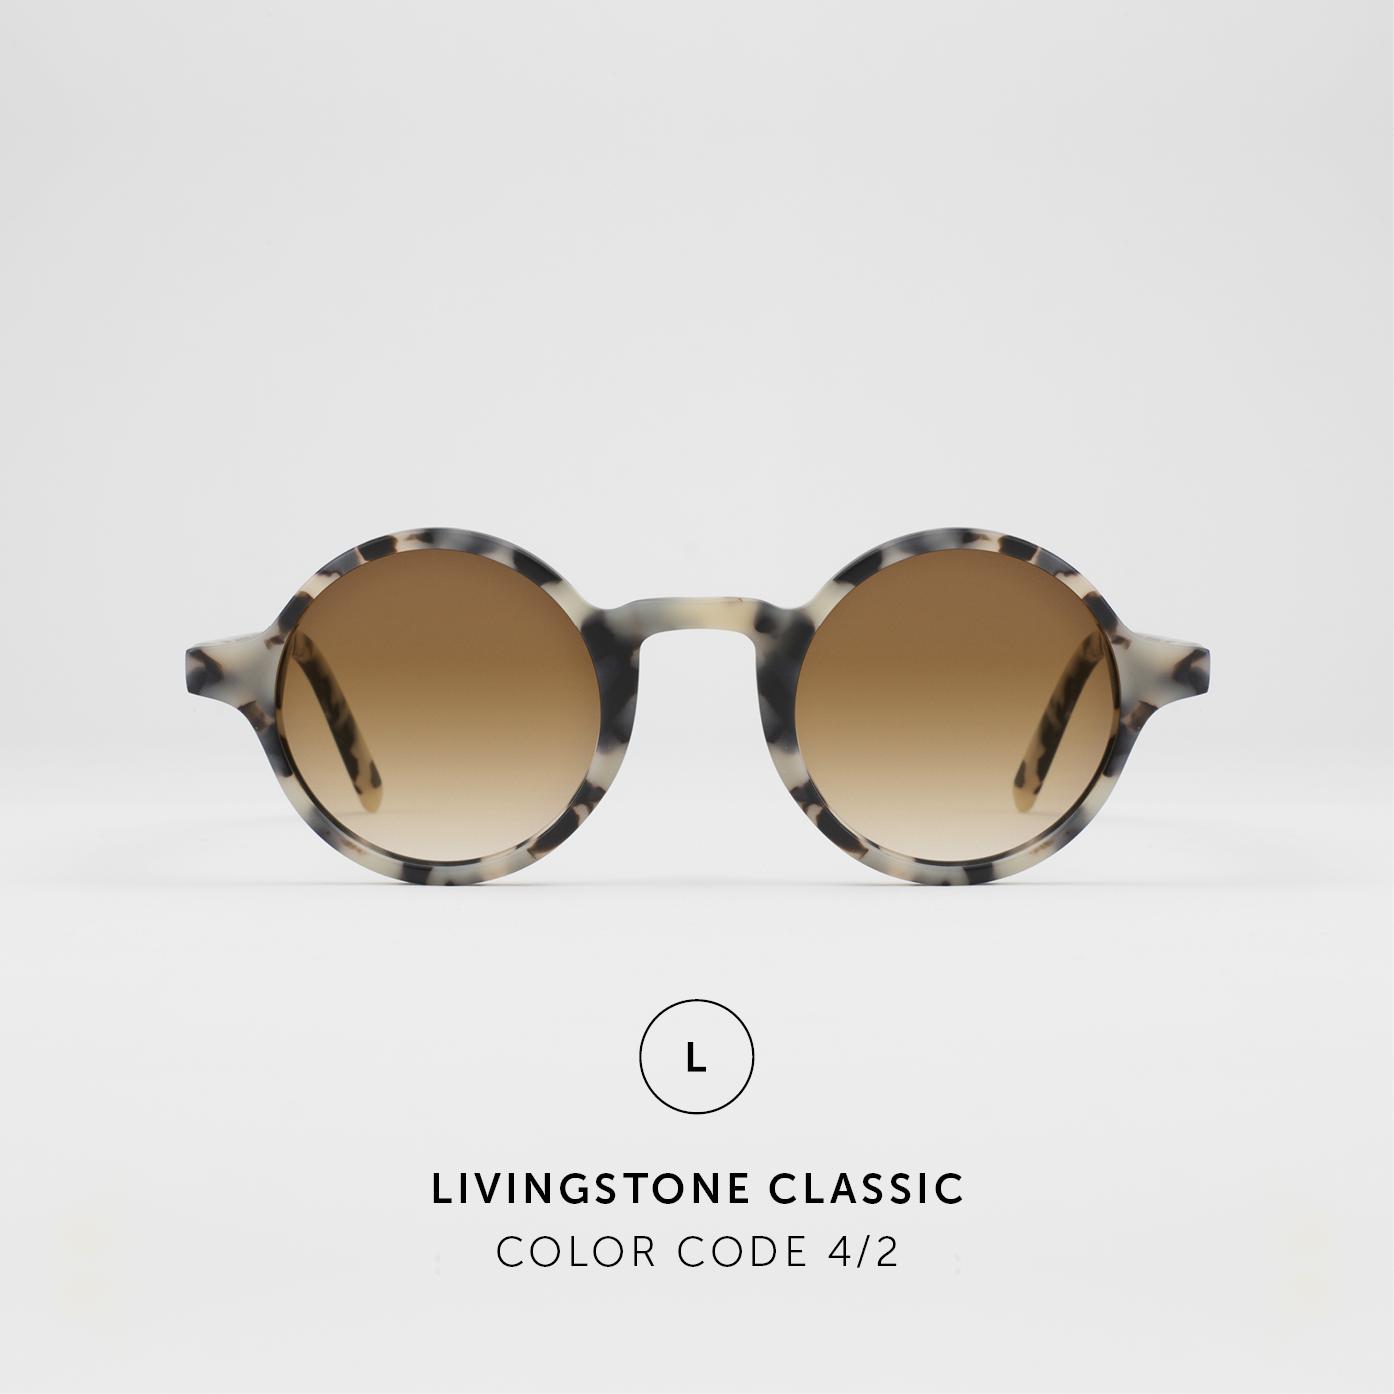 LivingstoneClassic27.jpg